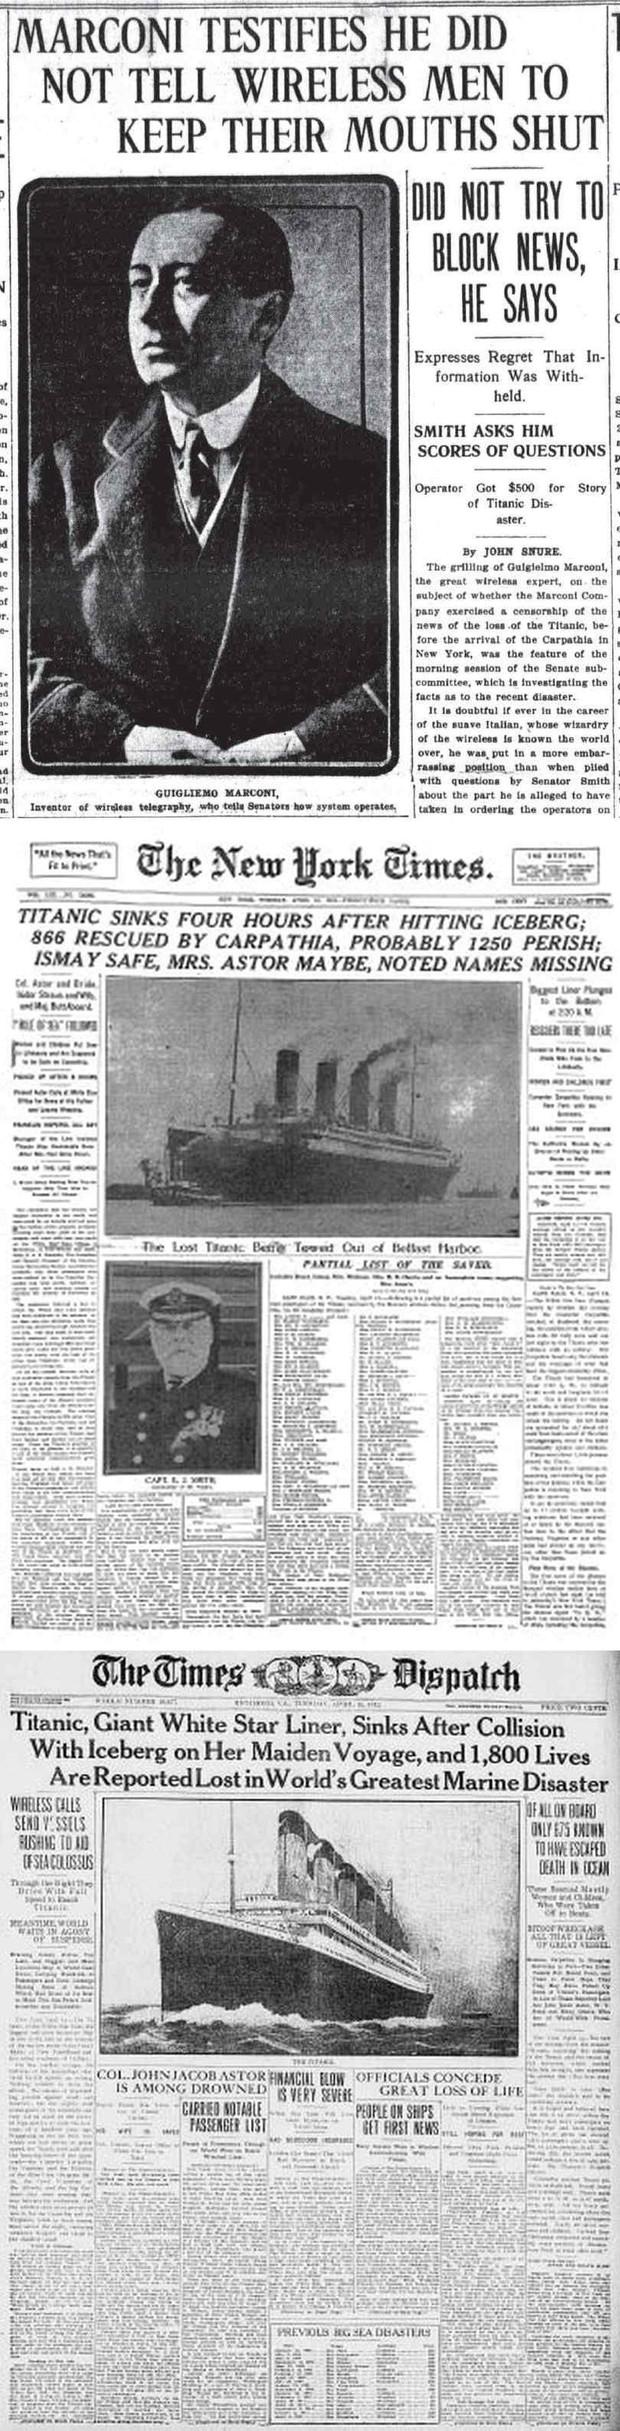 Titanic Disaster Newspapers April 20 - April 26, 1912 - Download